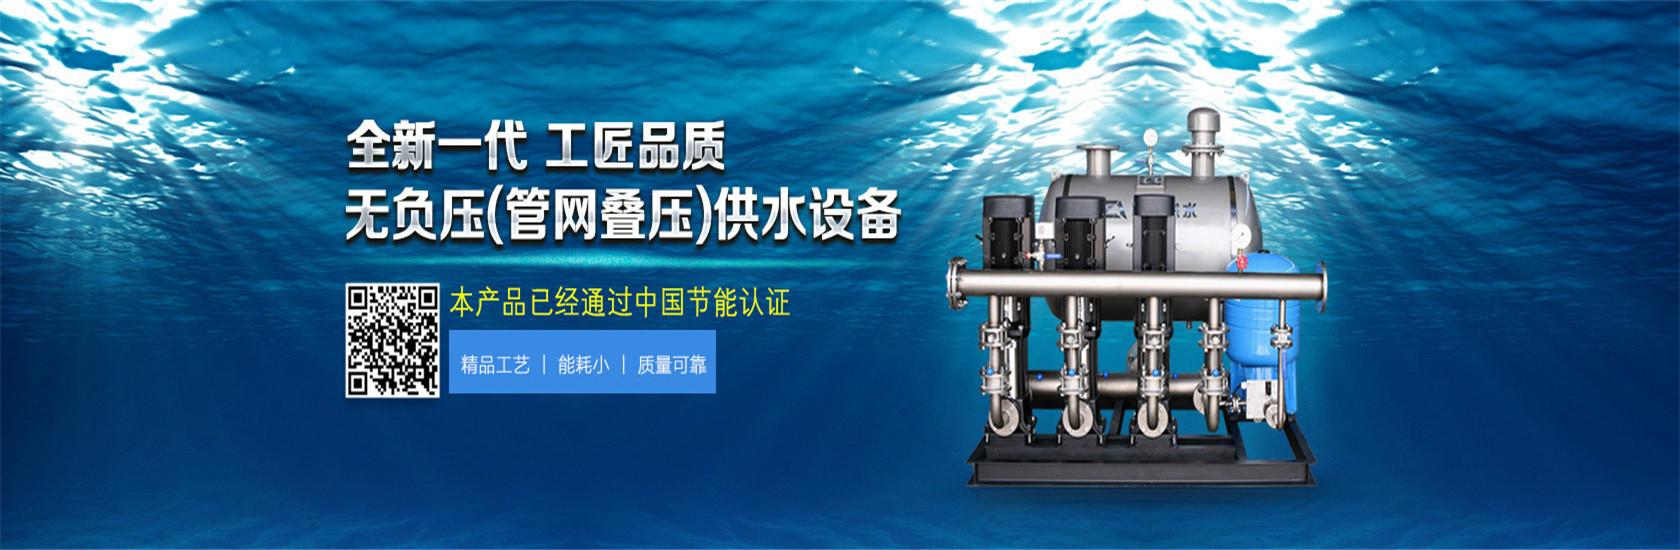 上海三利供水设备有限公司无负压设备广告轮播图